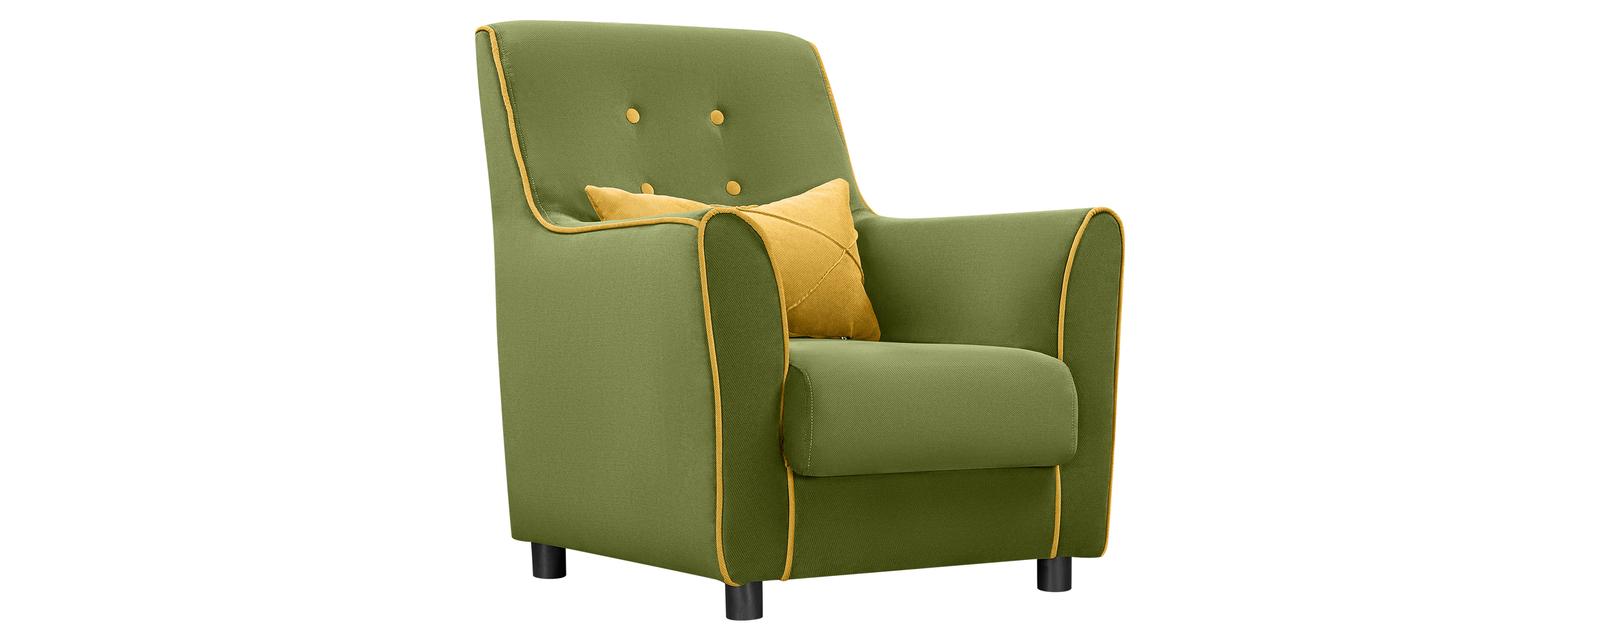 Кресло тканевое Френсис Elegance зеленый/желтый (Ткань)